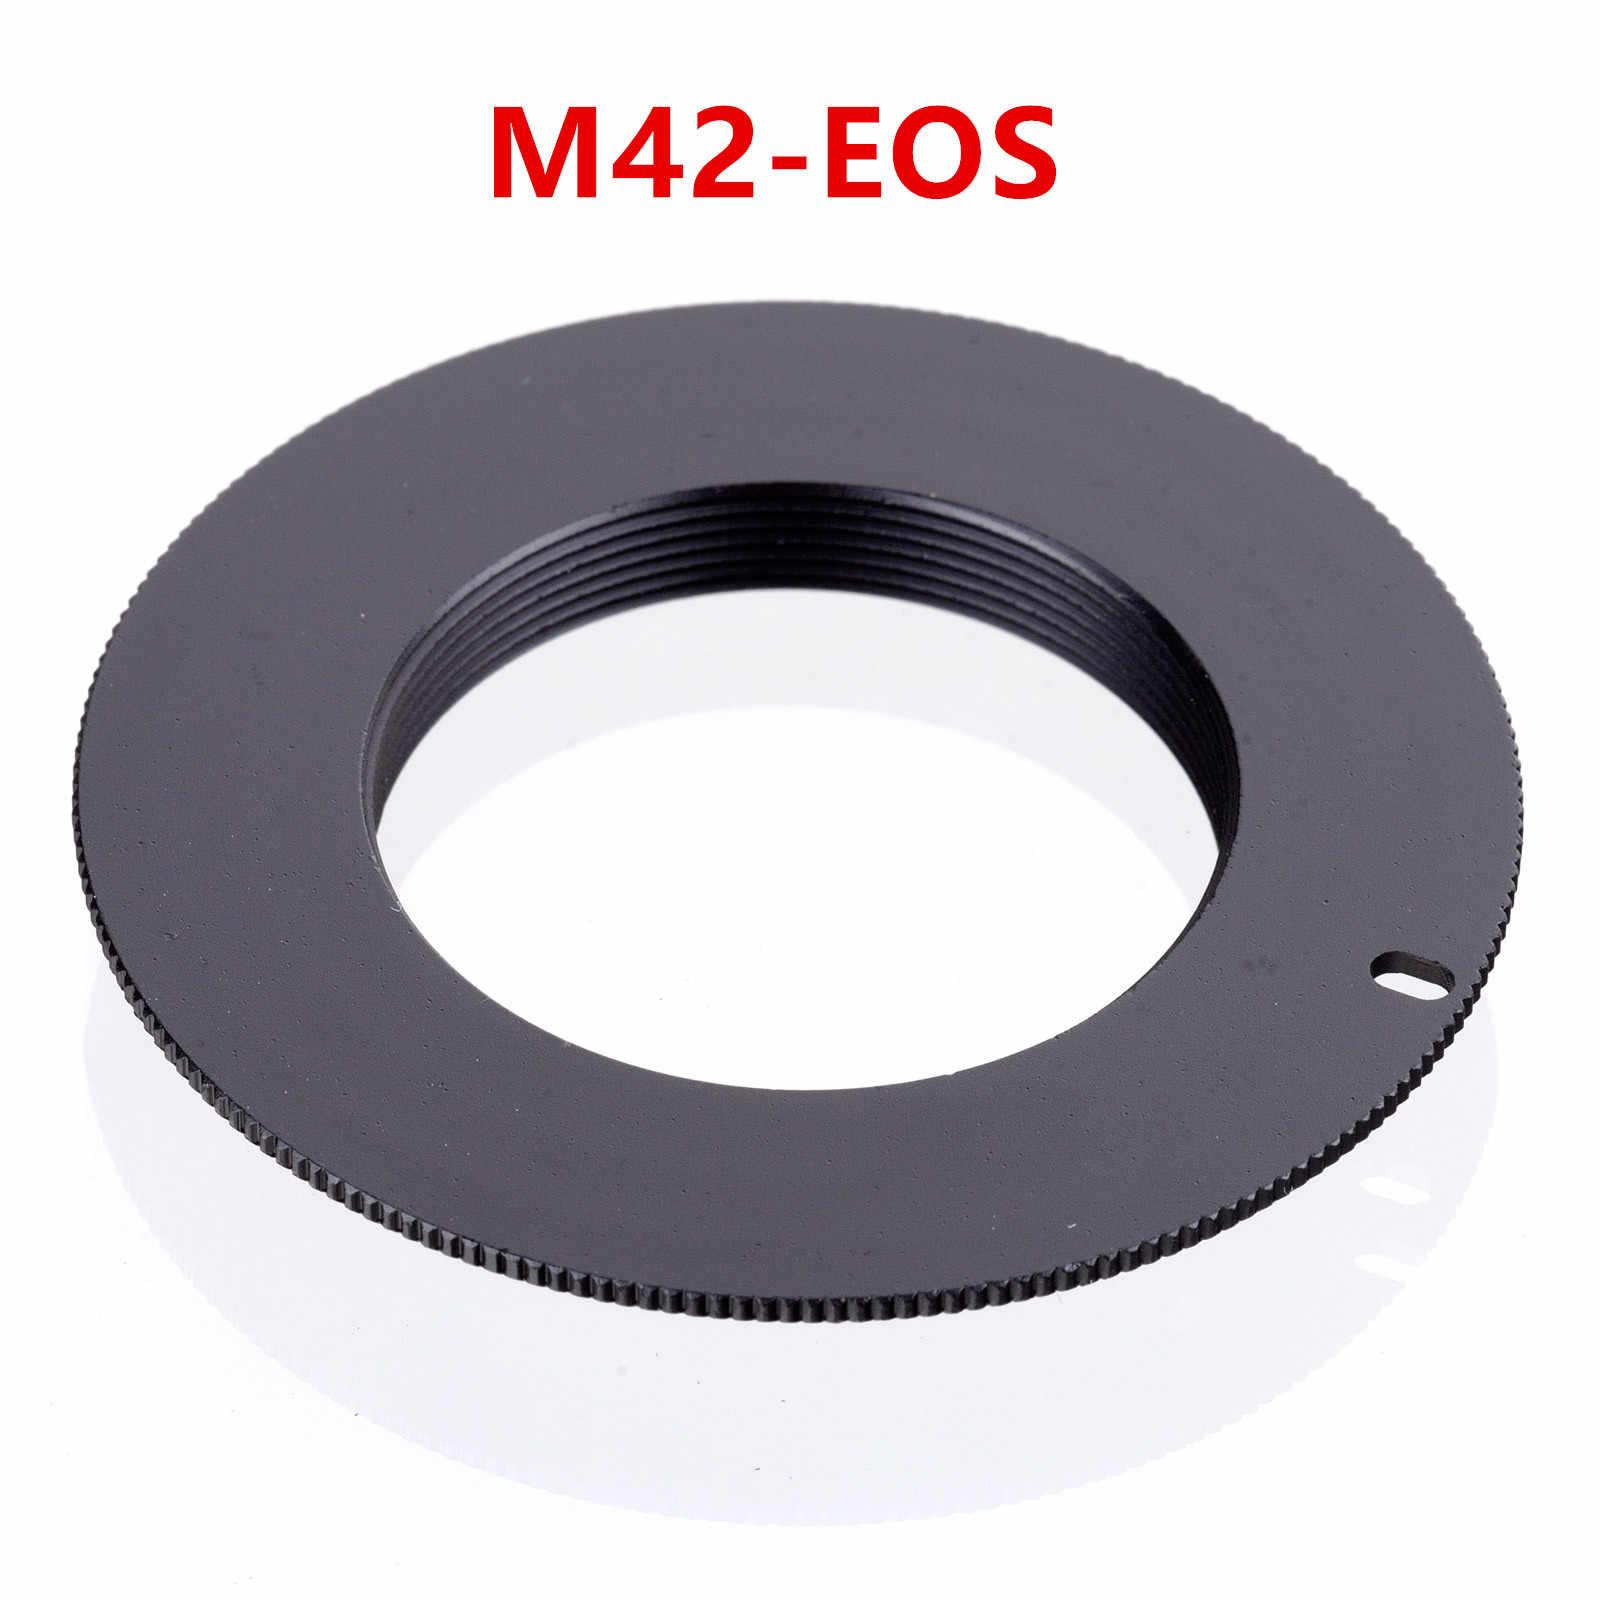 Adaptador de lente de montaje de tornillo M42 de aluminio para montura de M42-EOS, anillo Rebel EF para Can & n XSi T1i T2i 1D 550D 500D 60D 50D 7D 1000D